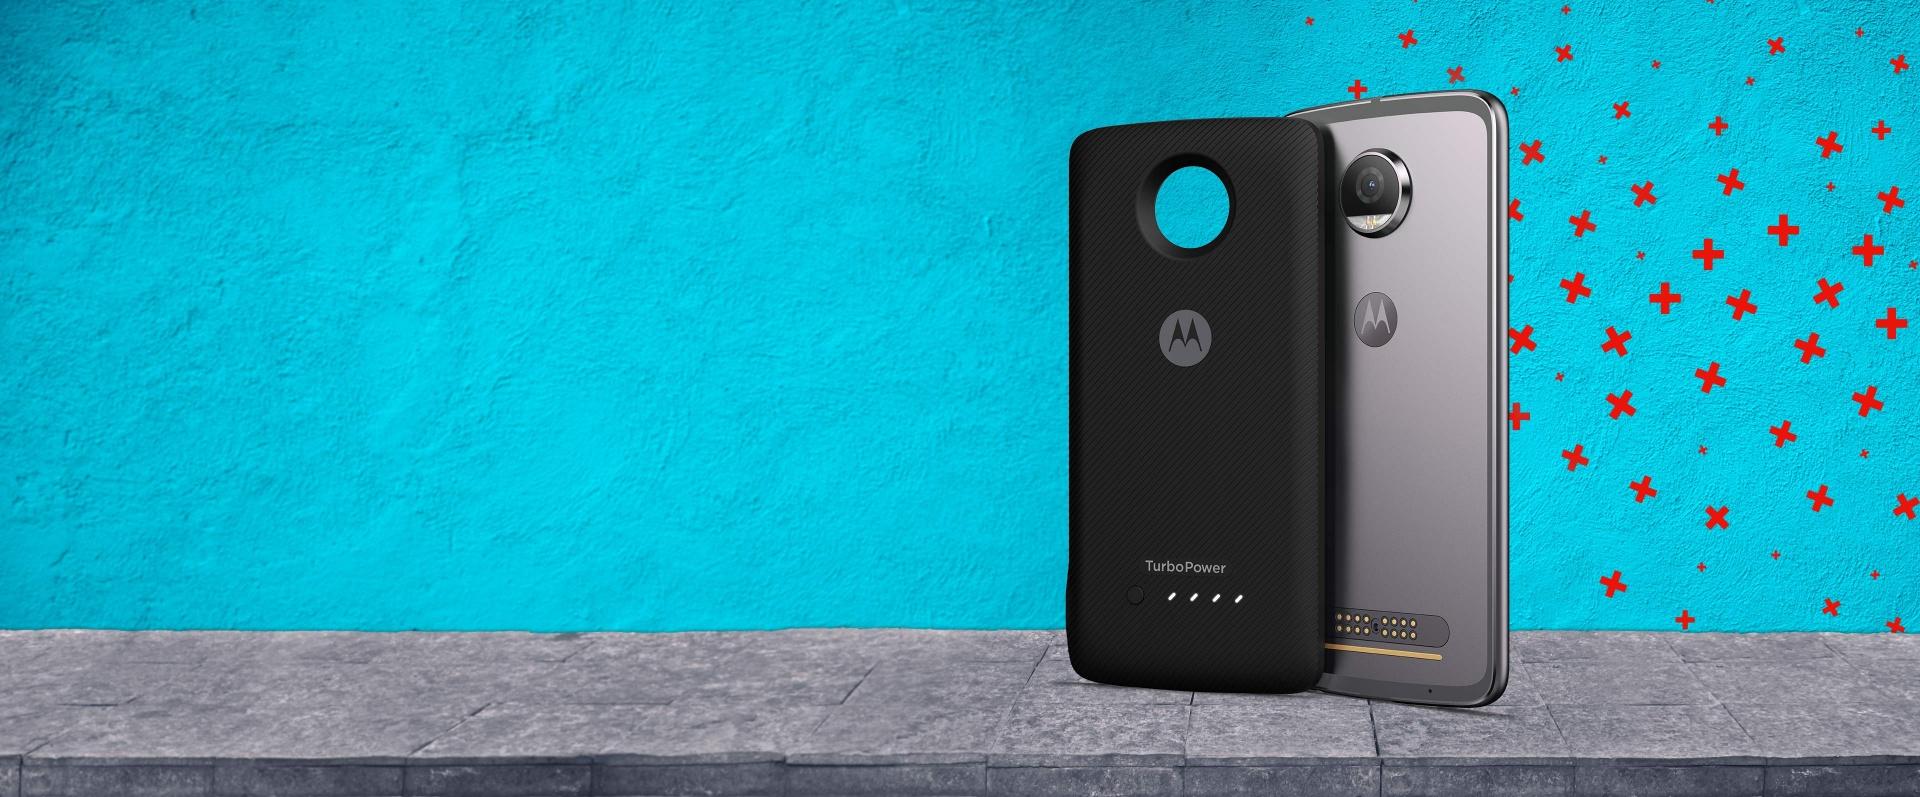 Новые Moto модули станут доступны этим летом!